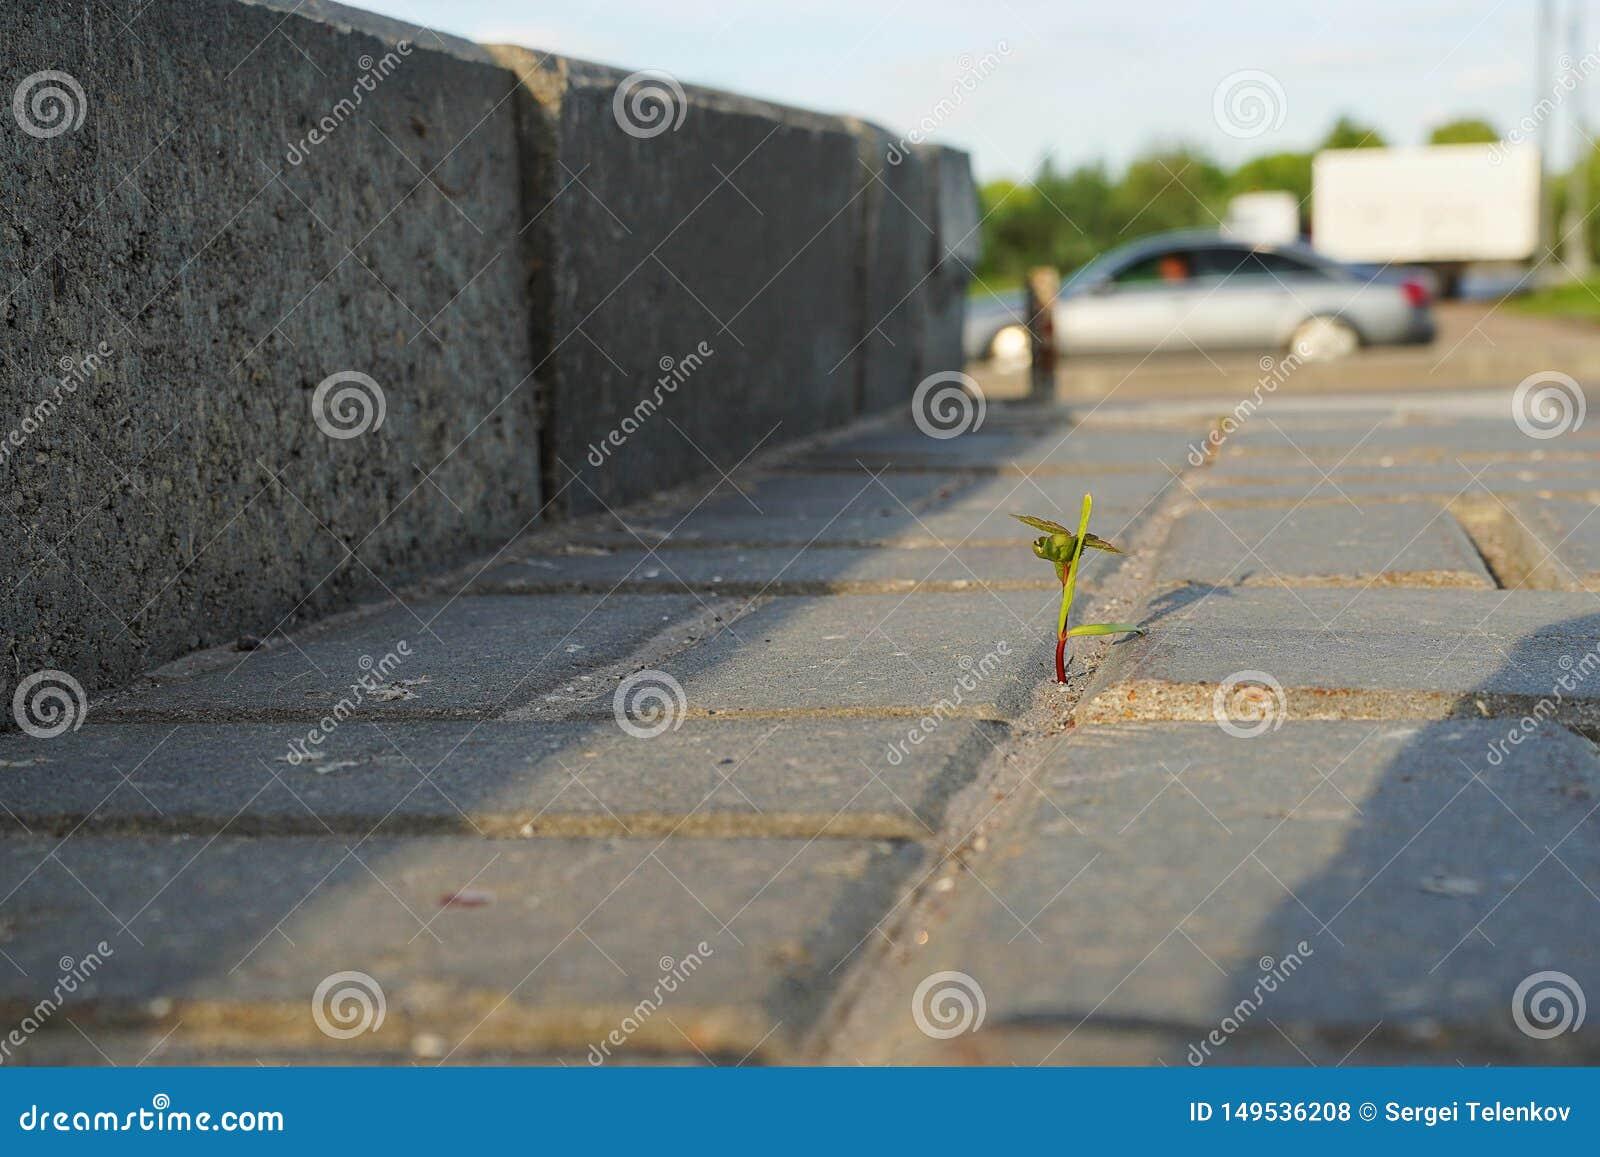 De grasspruit maakt zijn manier door asfalt Jongelui schiet onderbrekingen door het beton